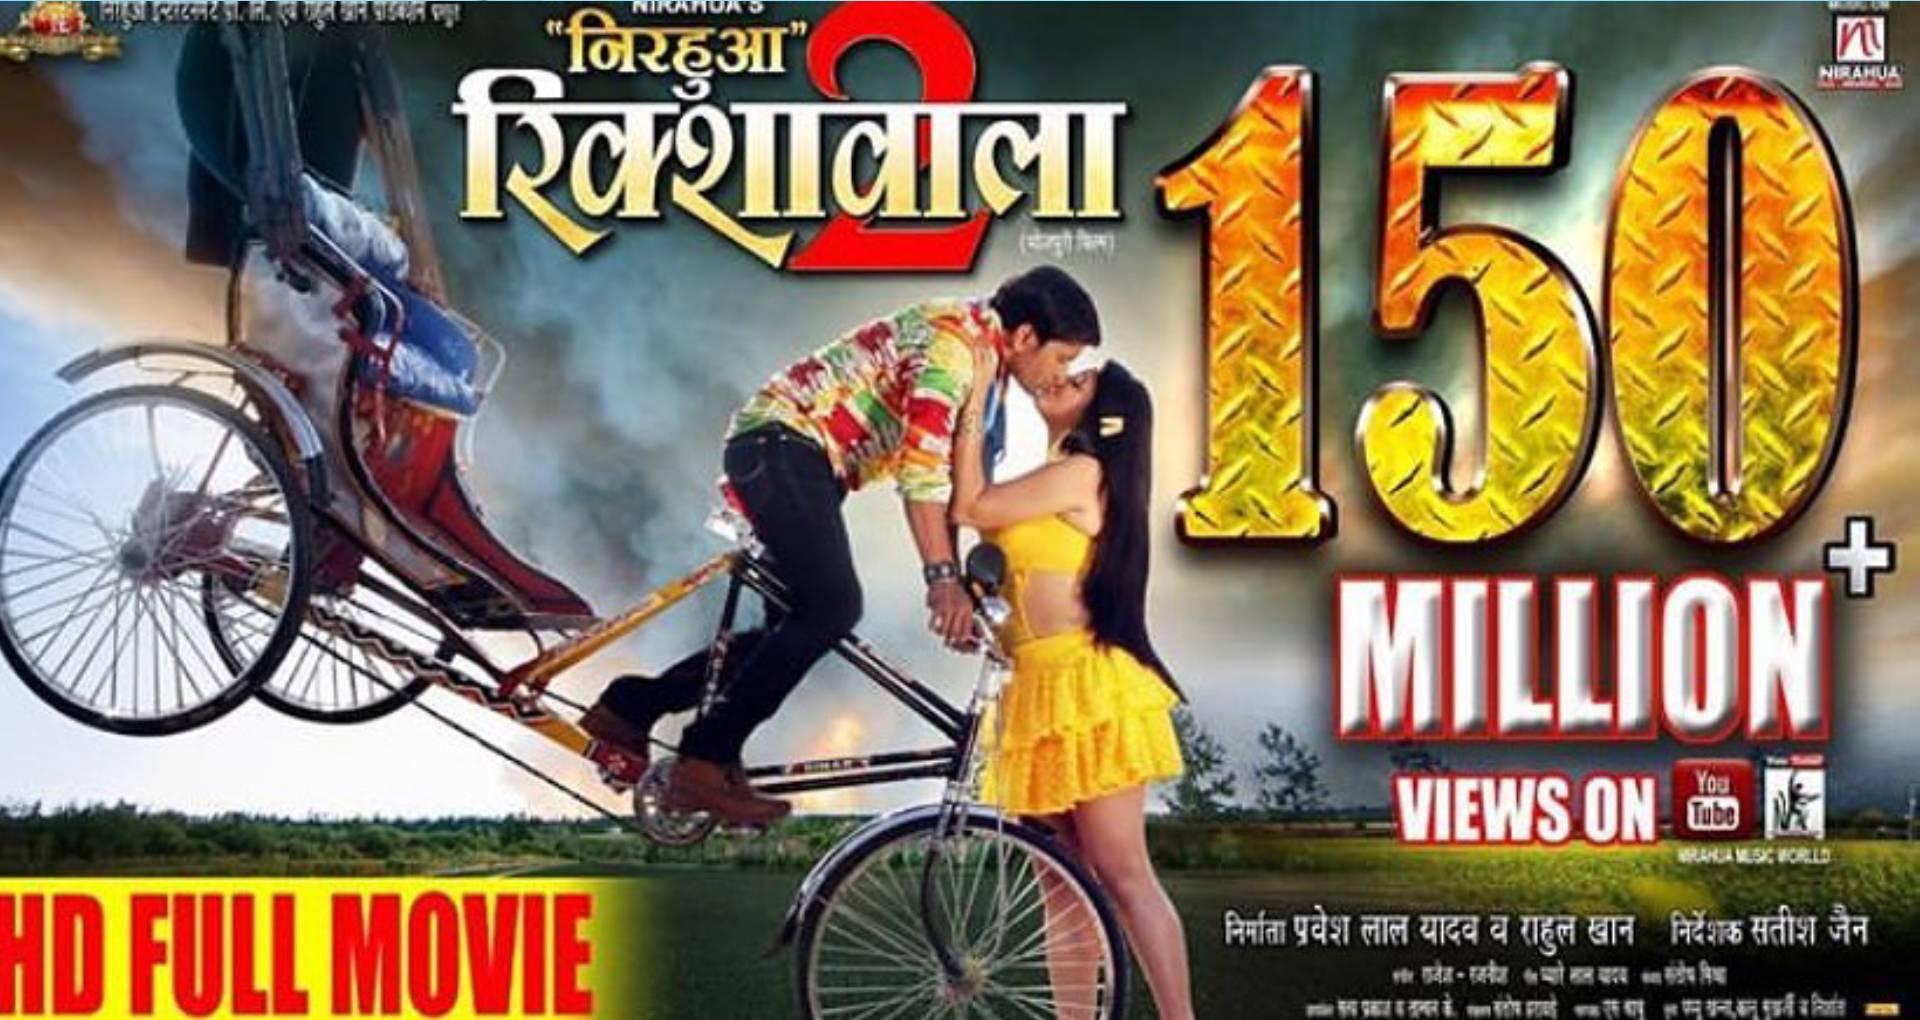 Nirahua Rickshawala 2 Movie: निरहुआ की इस फिल्म ने बनाया ये रिकॉर्ड, आम्रपाली दुबे ने मूवी को लेकर कही ये बात